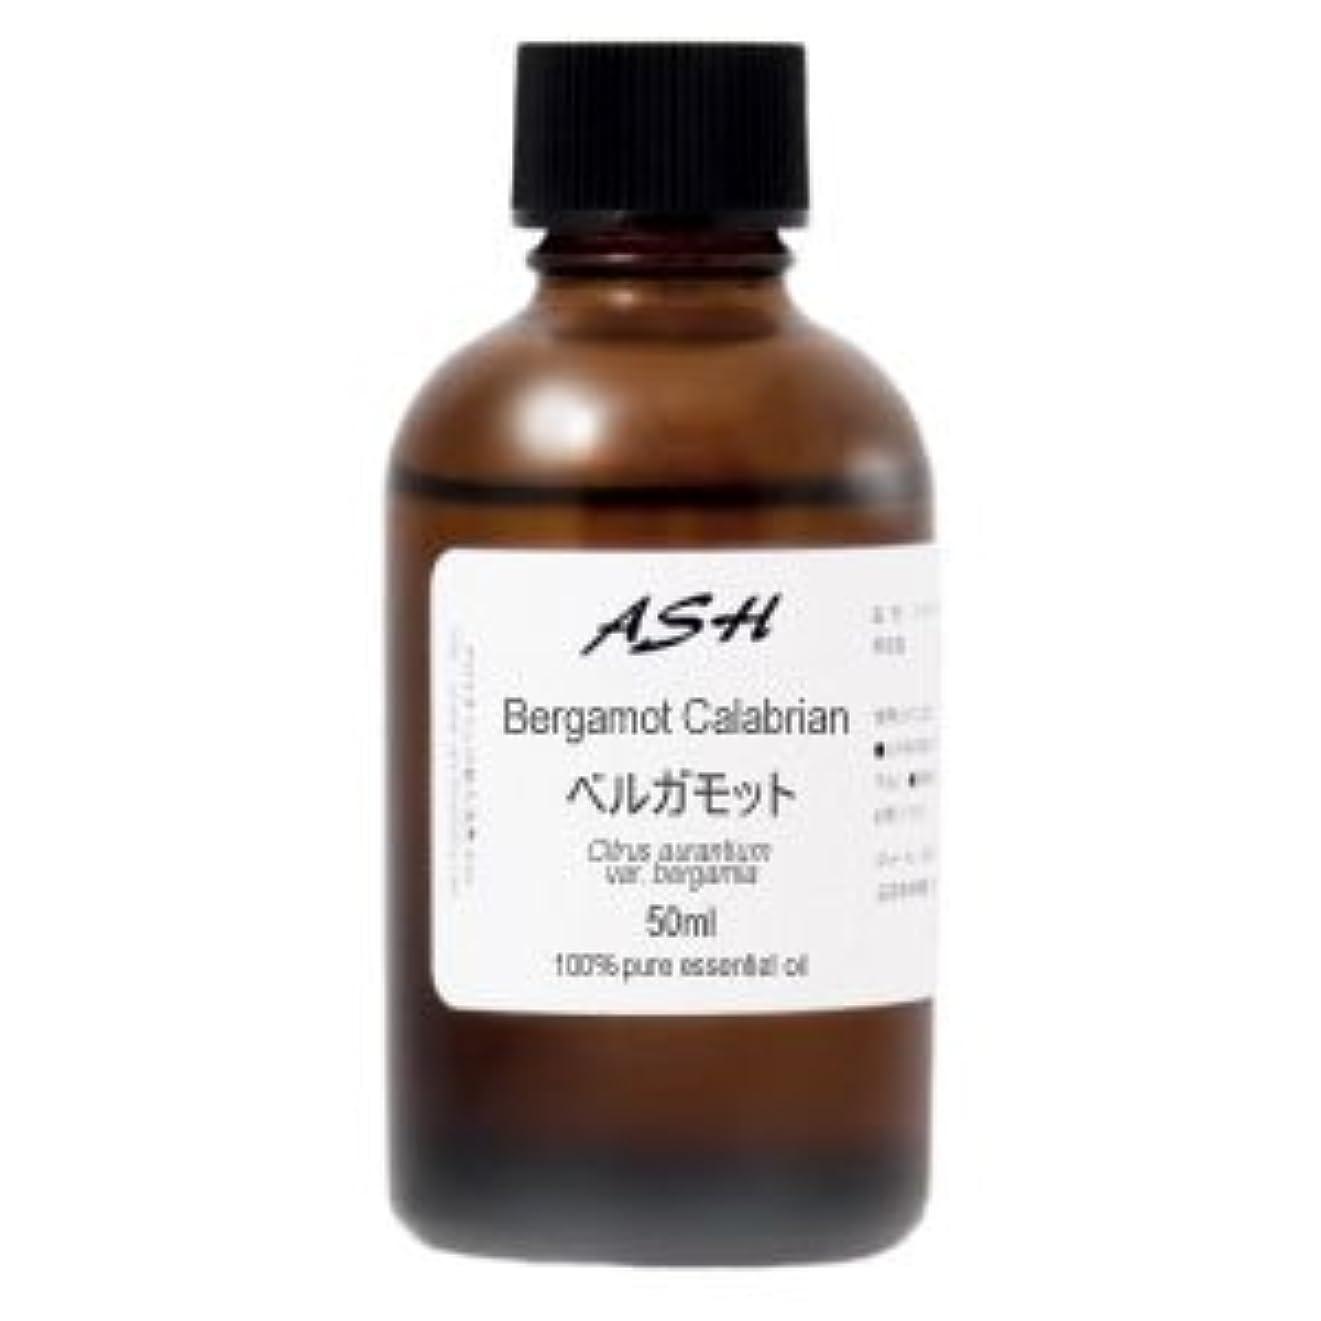 思いやりのある研究所お金ゴムASH ベルガモット エッセンシャルオイル 50ml AEAJ表示基準適合認定精油